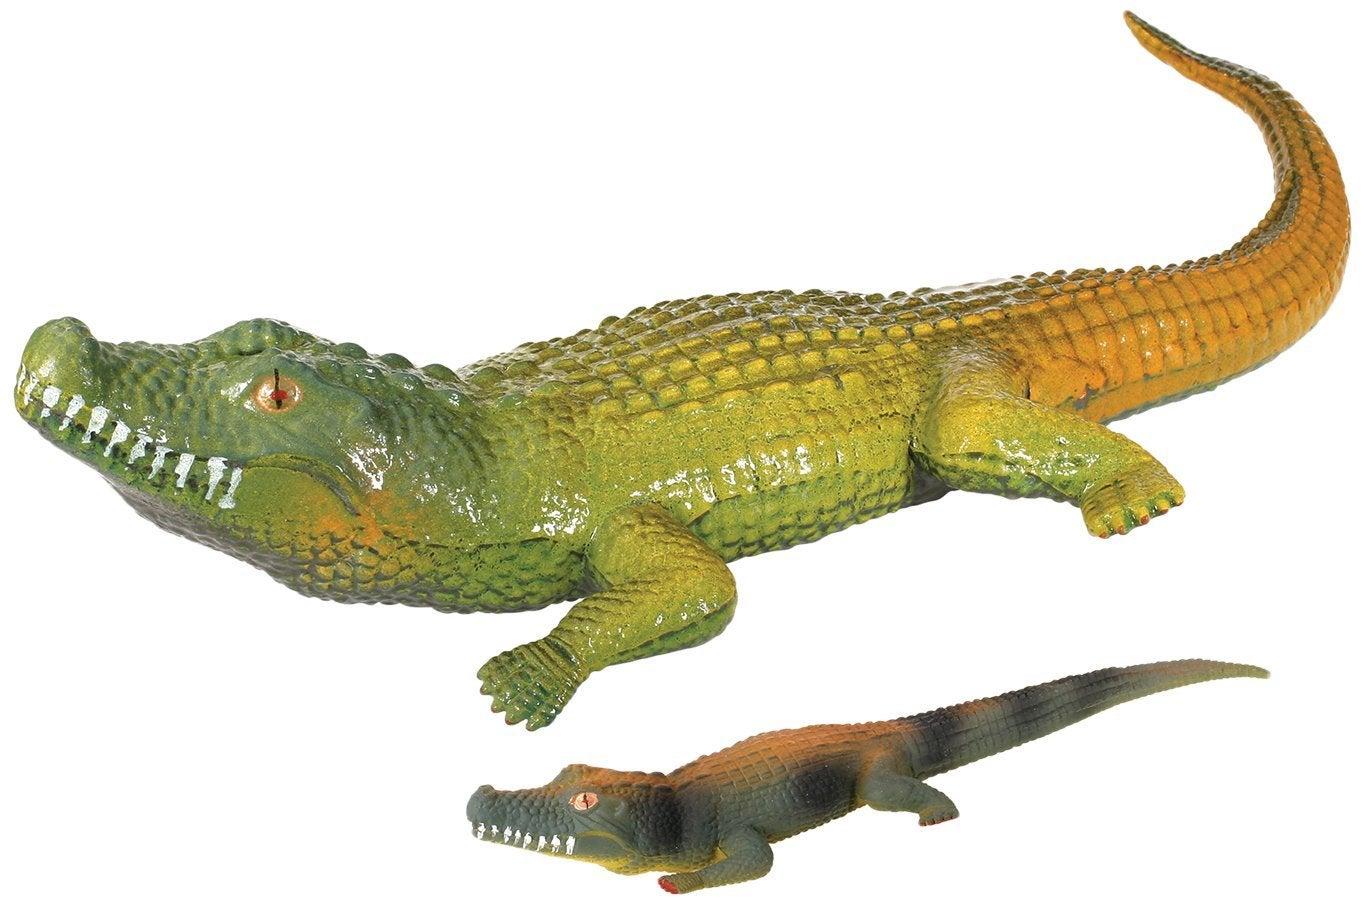 Growable crocodile